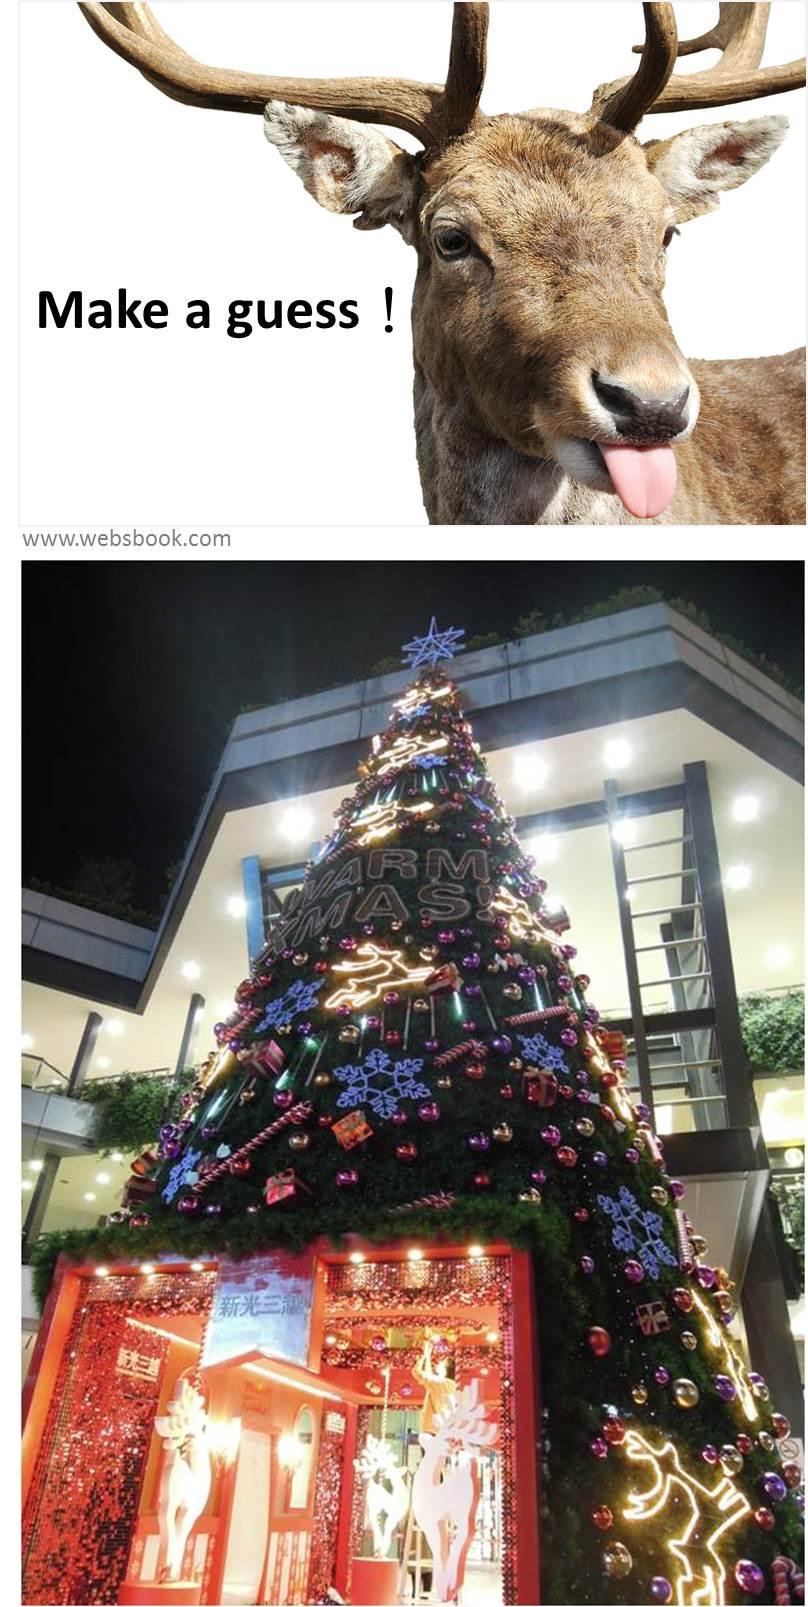 2013-1213聖誕樹下篇31